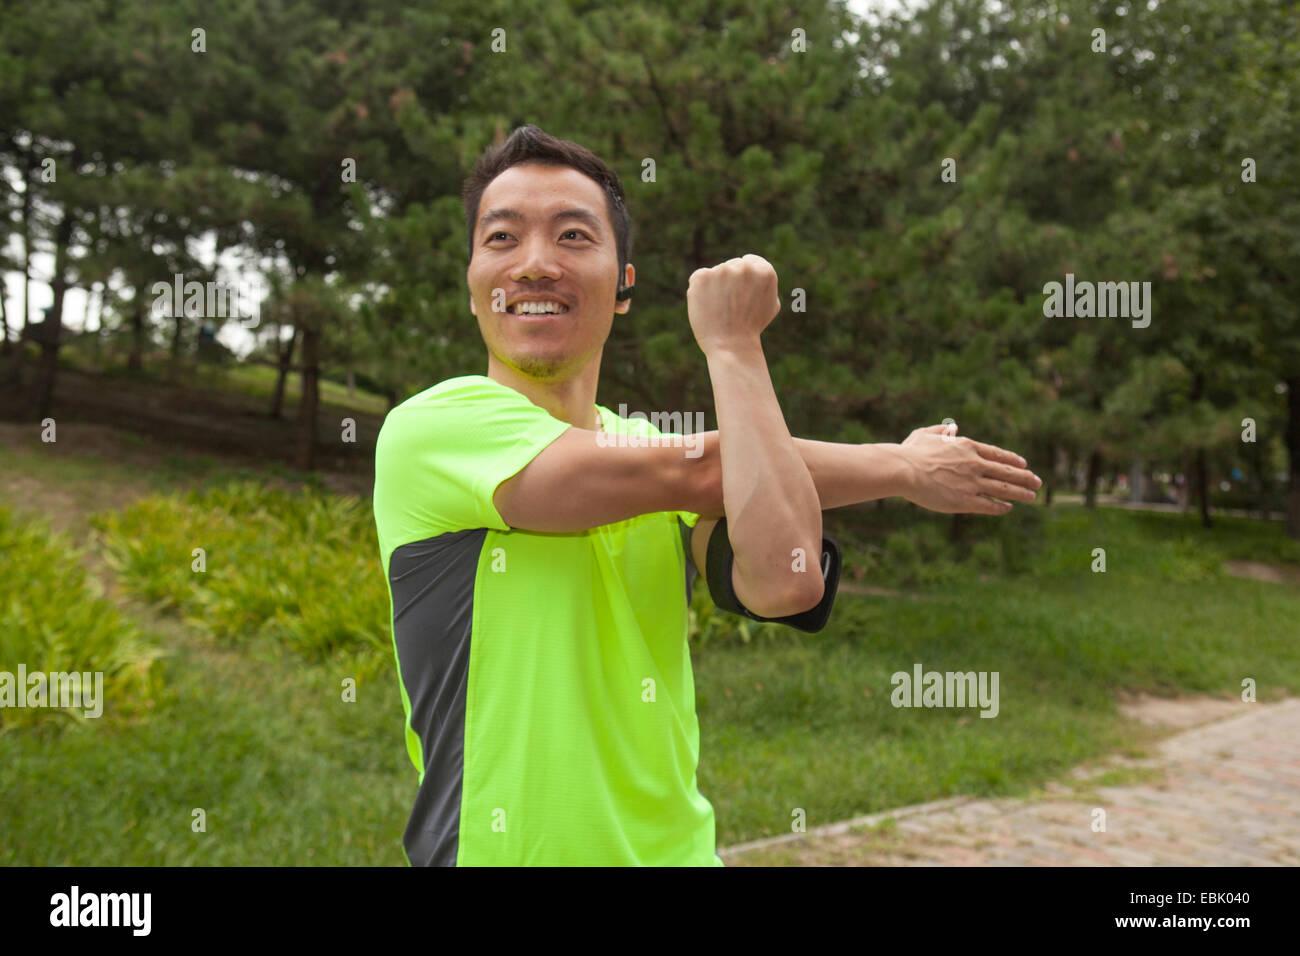 Junge männliche Läufer Strecken Arme im park Stockbild